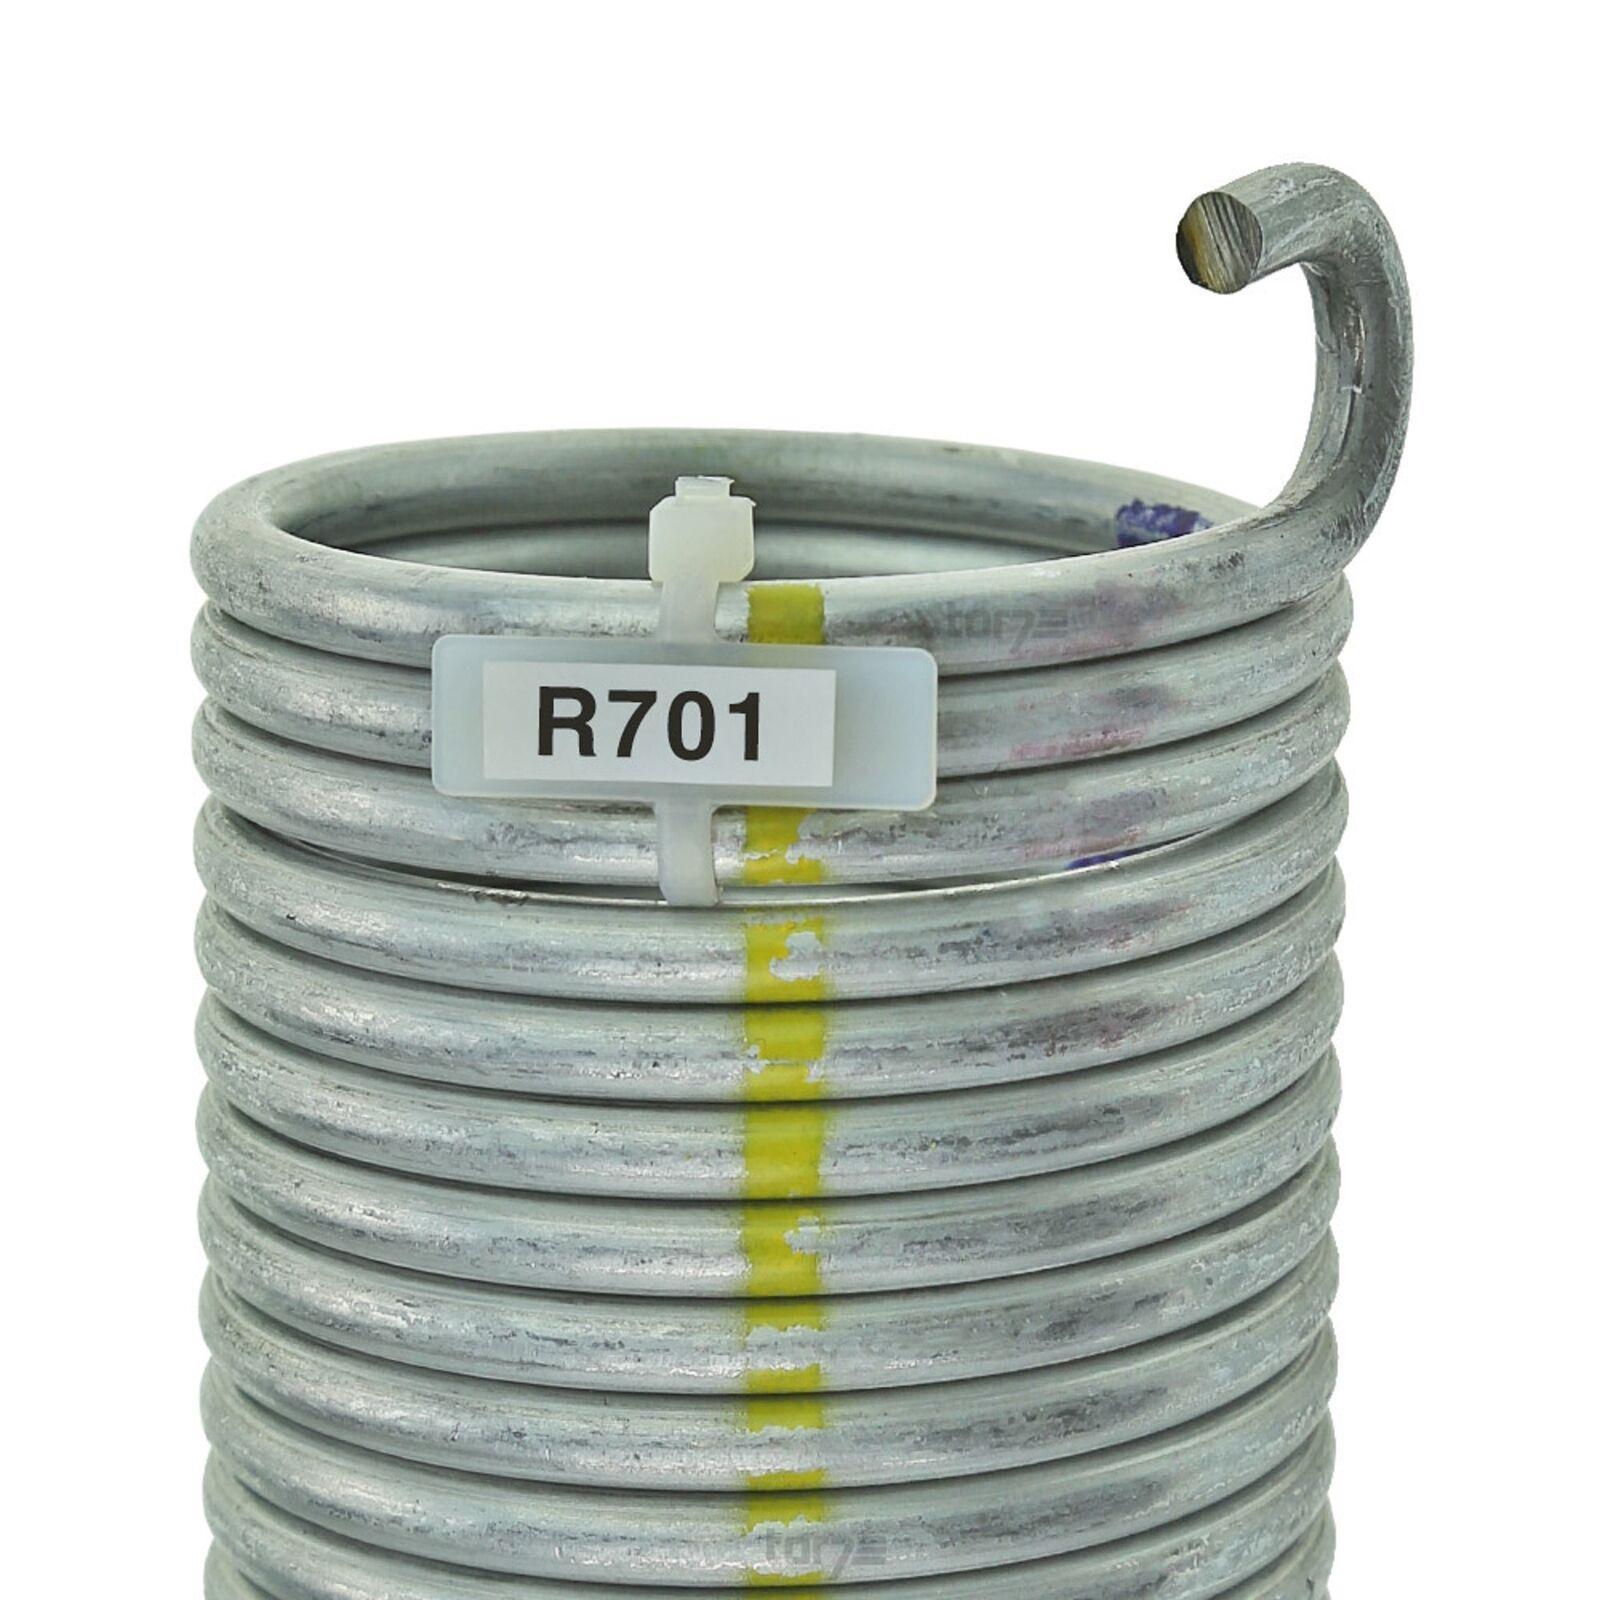 Torsionsfeder R701 / R20 für Hörmann Garagentor Garagentorfeder Torfeder